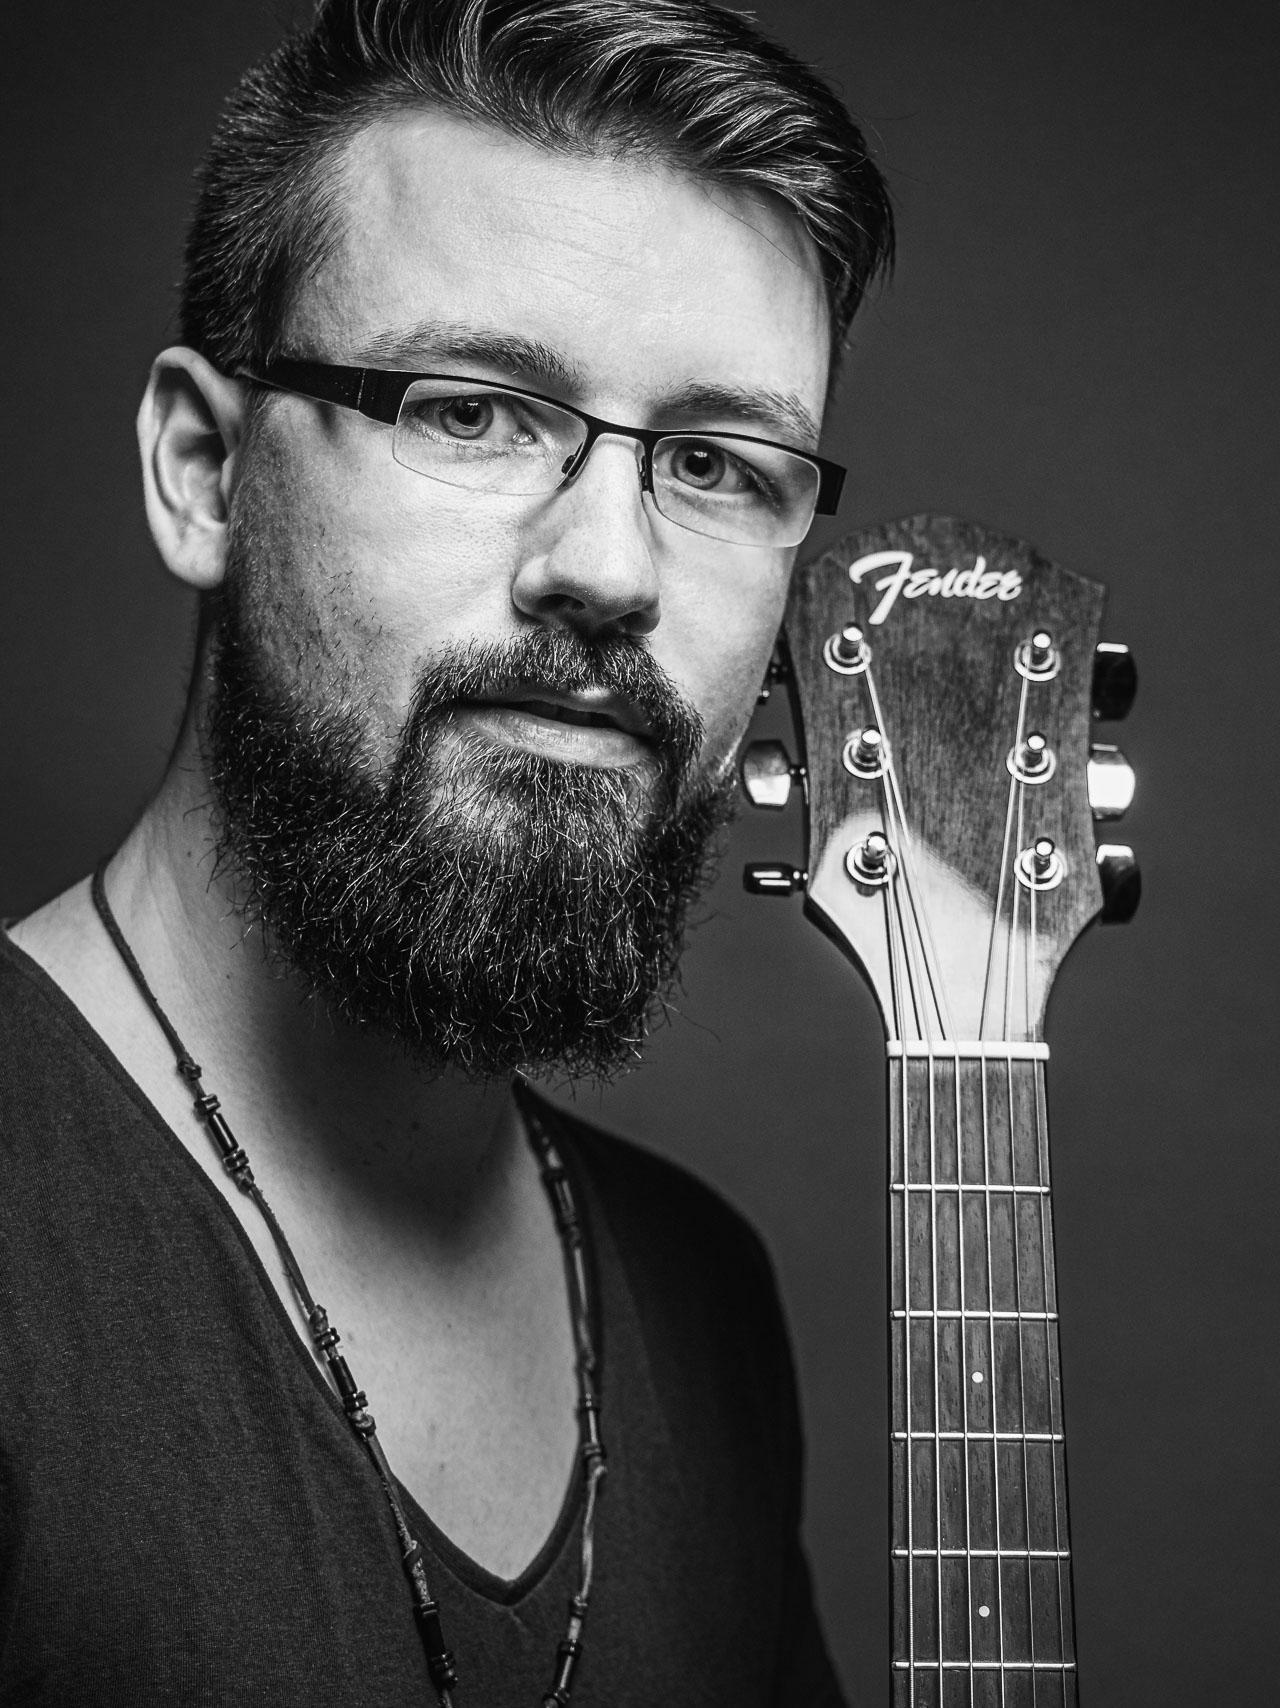 Junger man mit Bart und Gitarre